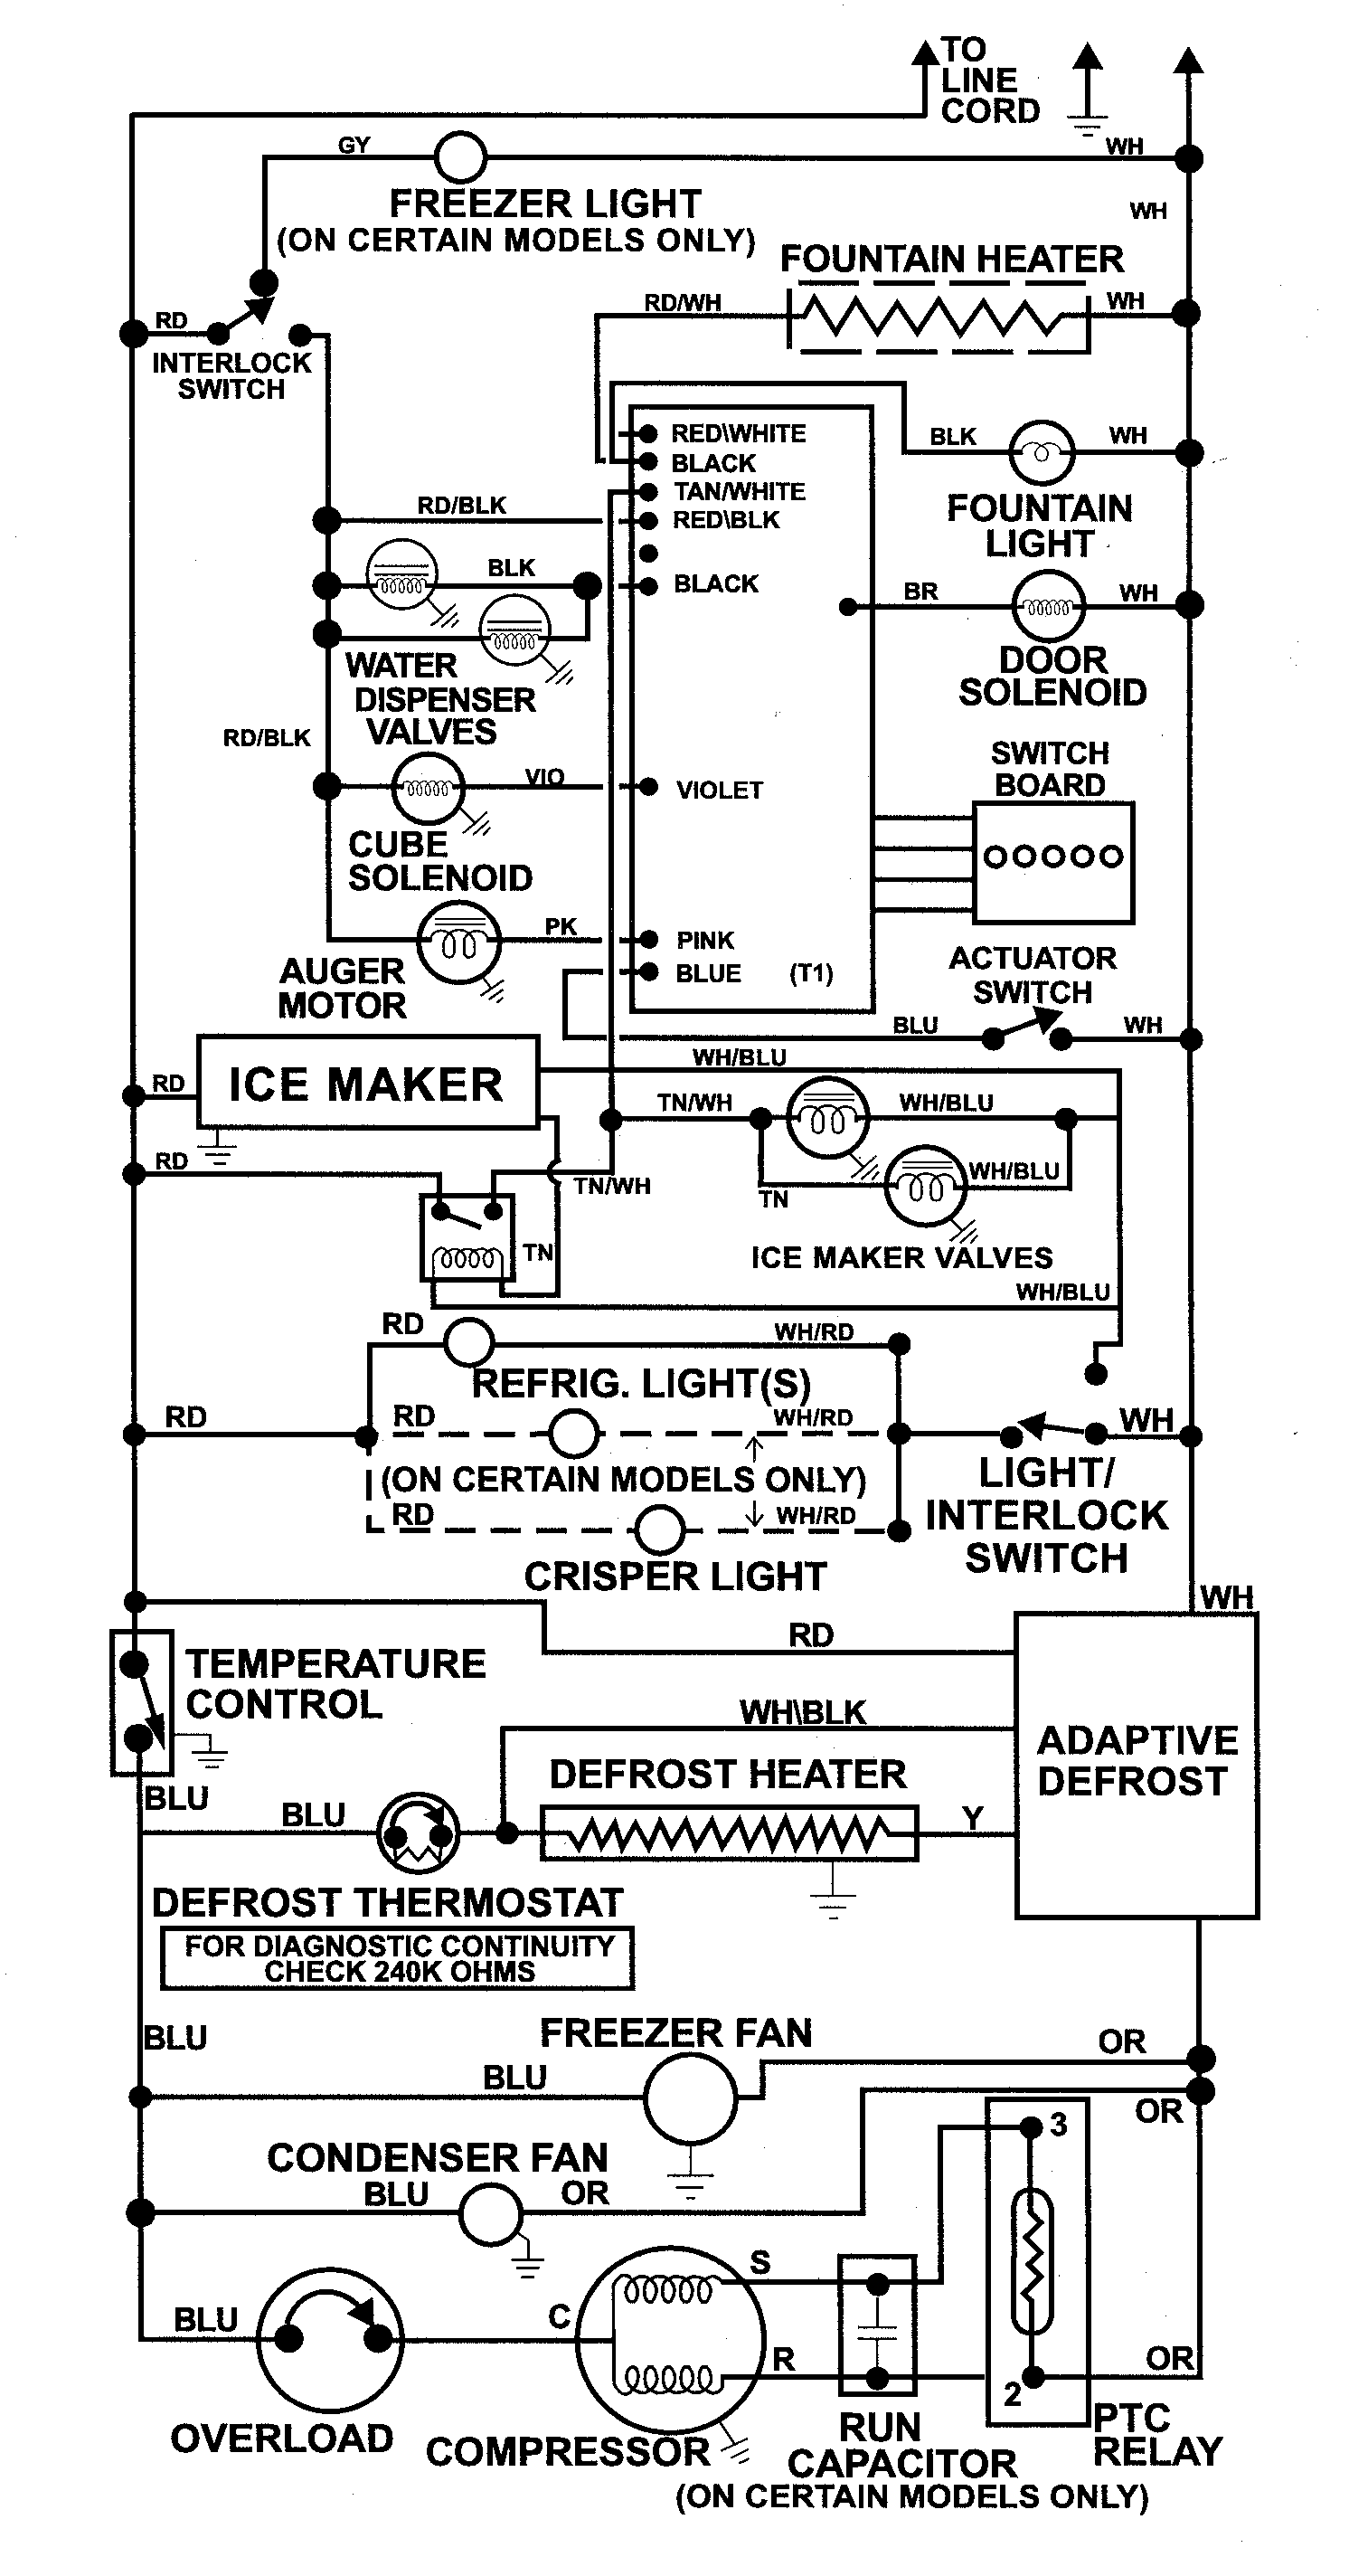 wiring diagram for maytag refrigerator wiring diagram paper wiring diagram maytag fridge wiring diagram maytag fridge [ 1513 x 2848 Pixel ]